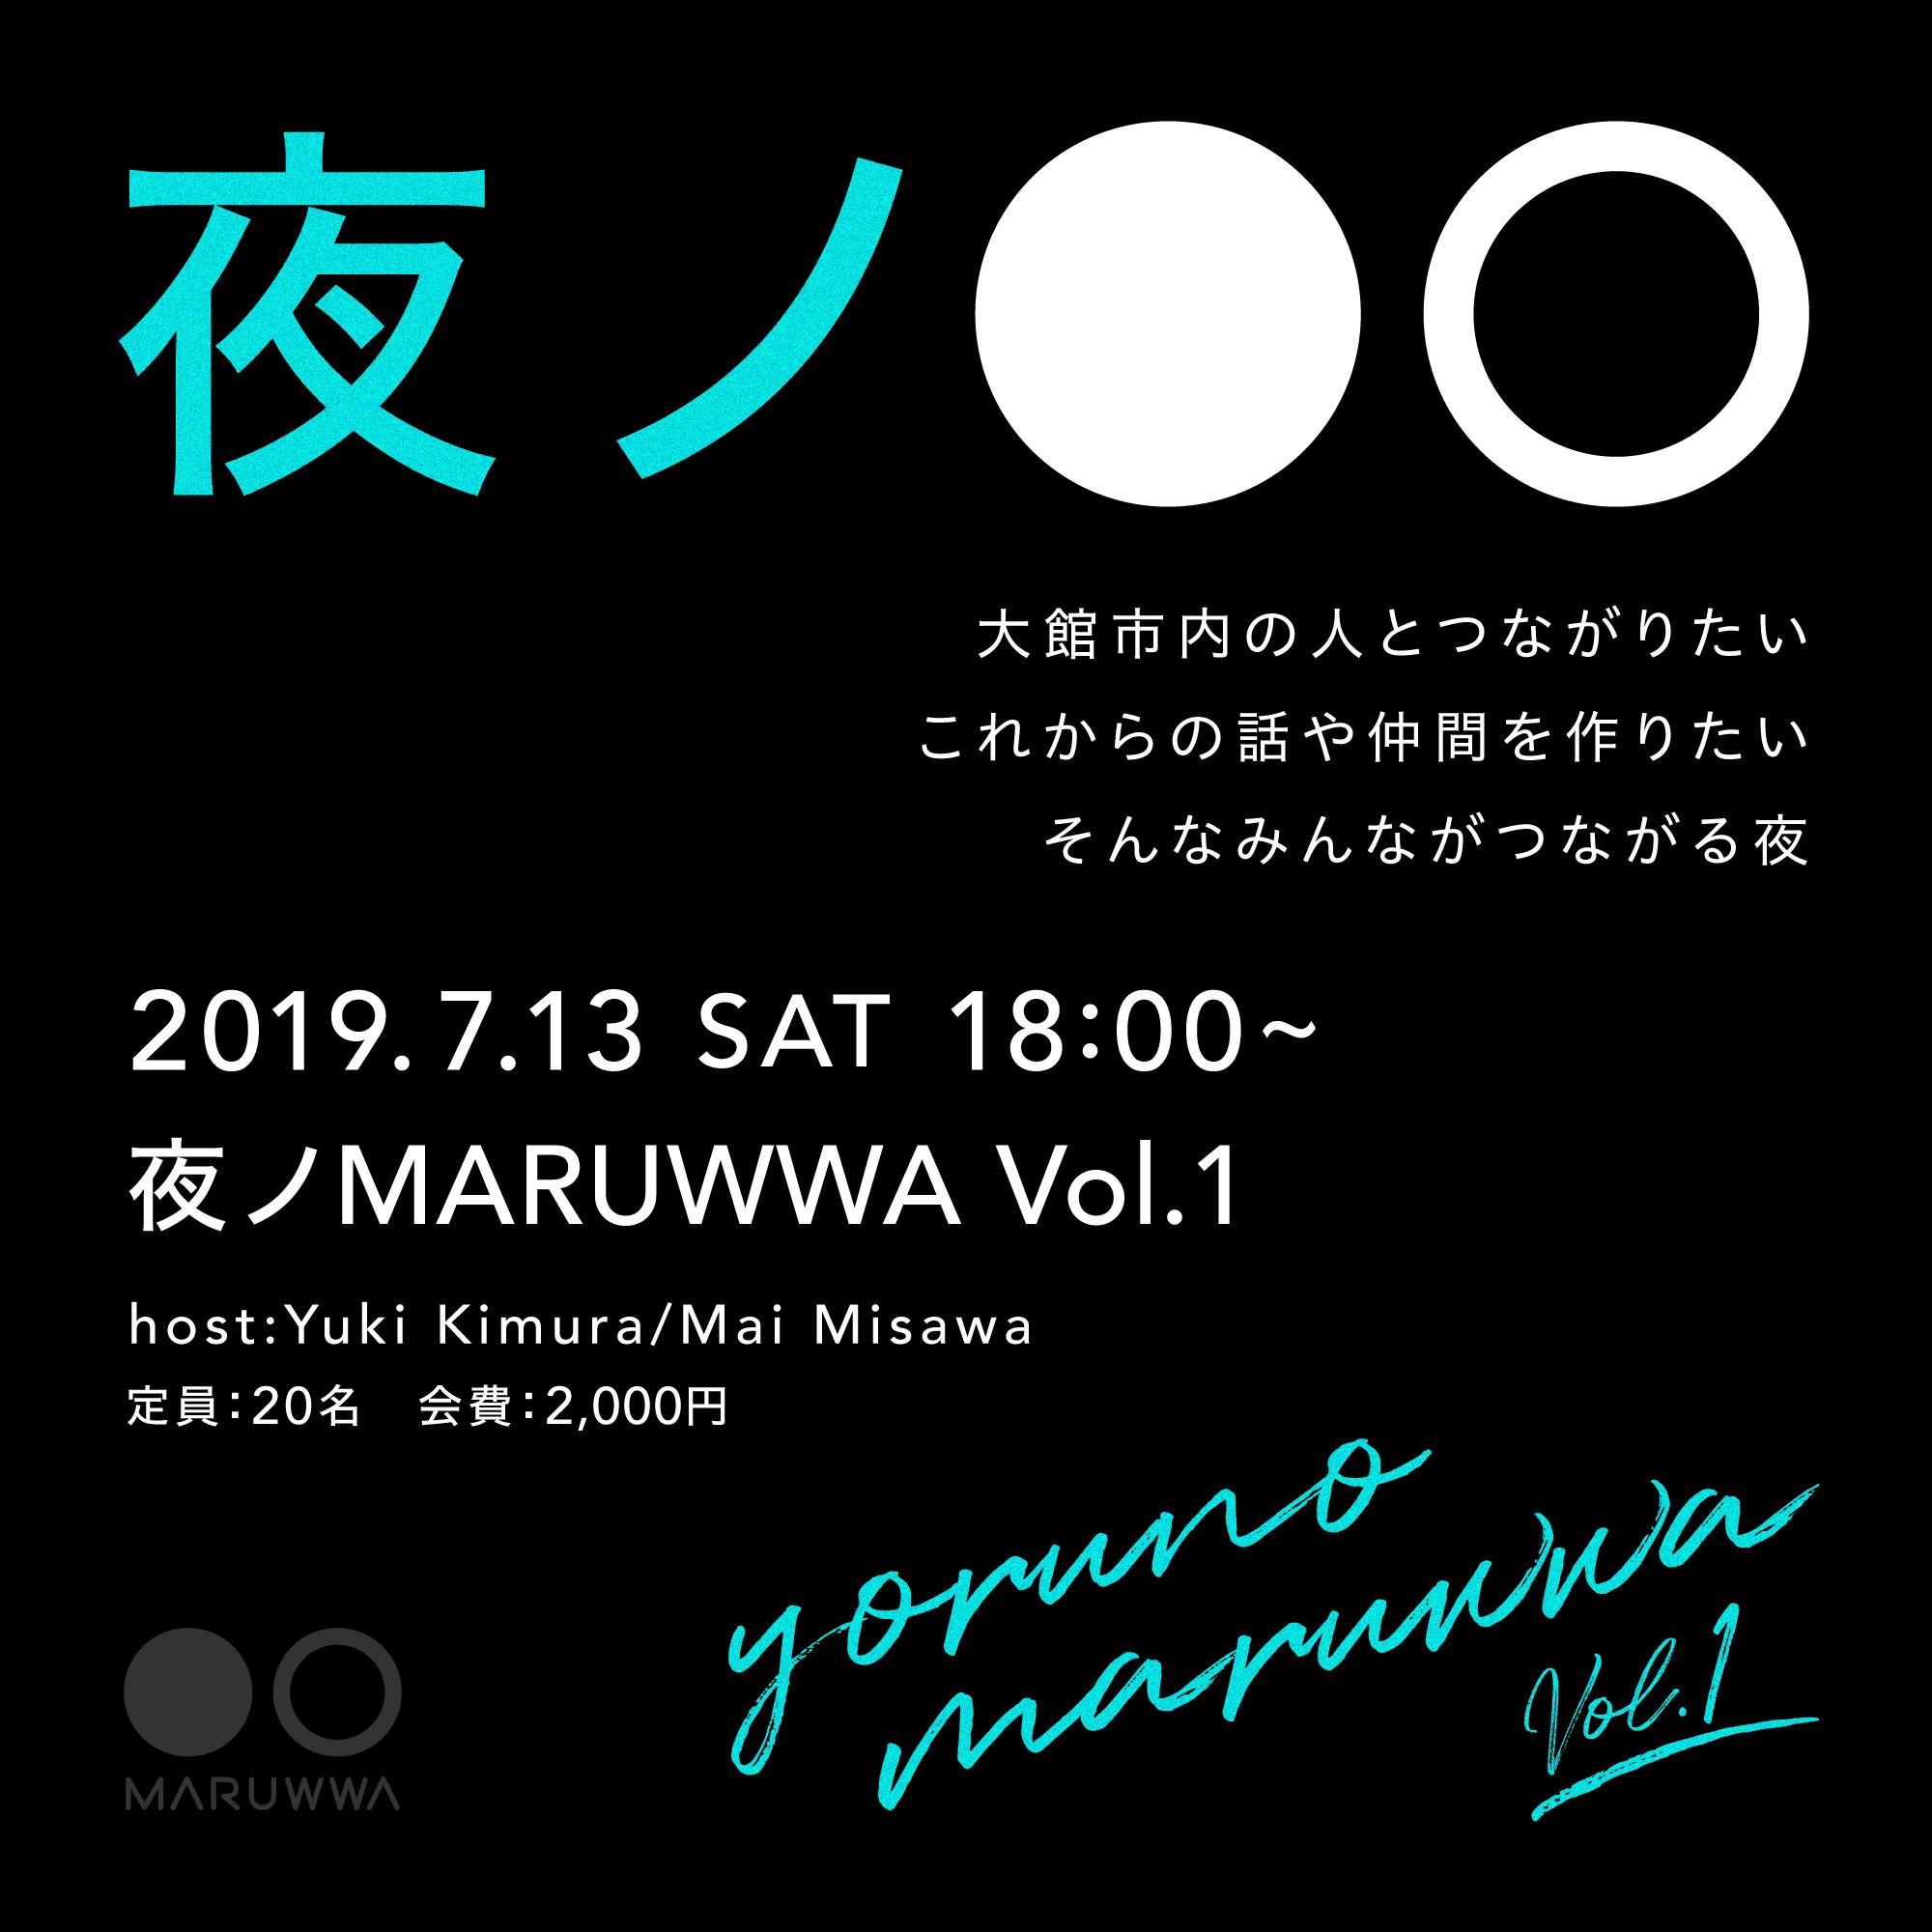 夜ノMARUWWA Vol.1